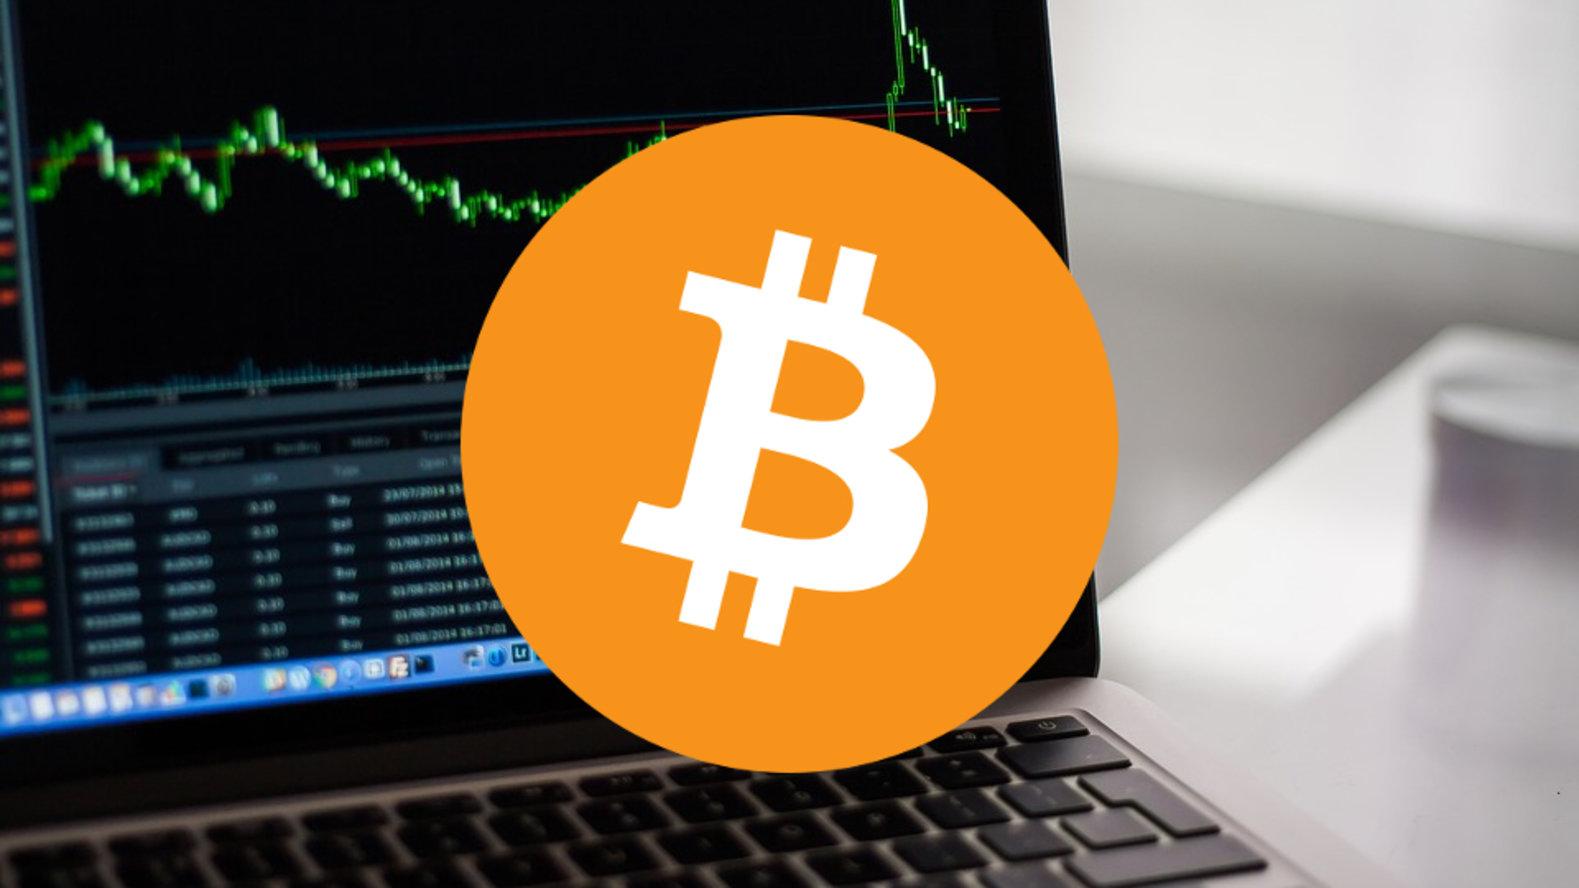 主要的加密货币交易所Coinbase将开始向比特币开发商提供资助